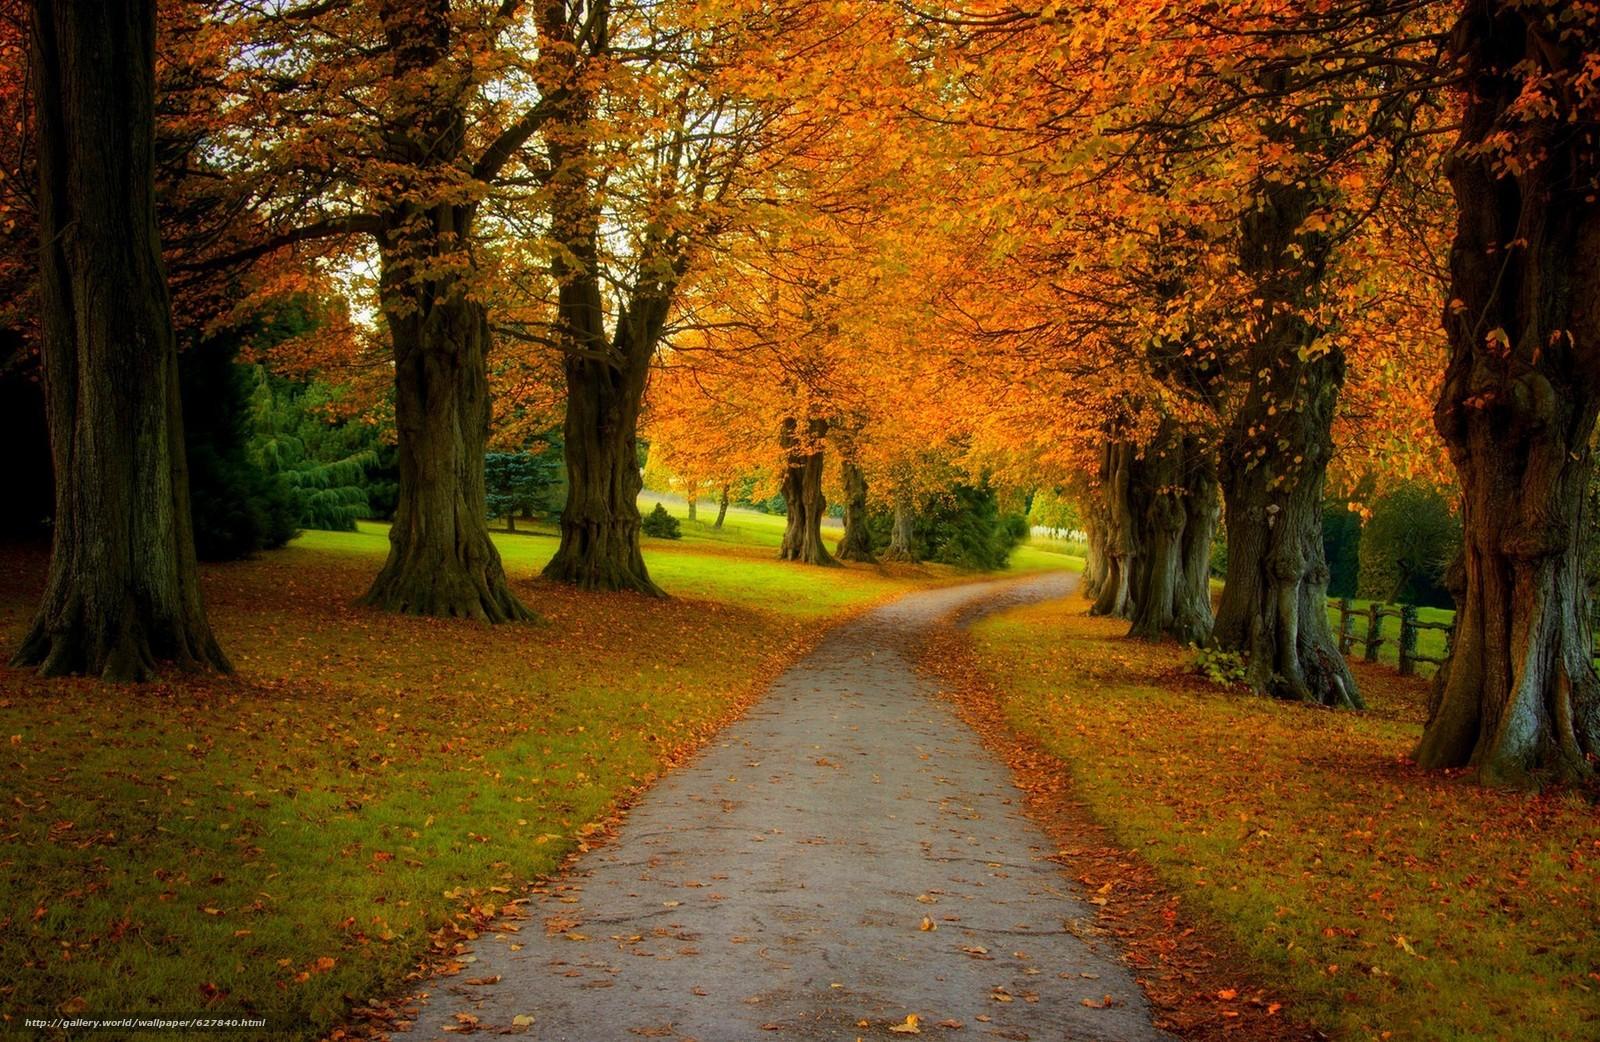 Download Hintergrund Herbst,  Straße,  Wald,  Park Freie desktop Tapeten in der Auflosung 2048x1334 — bild №627840